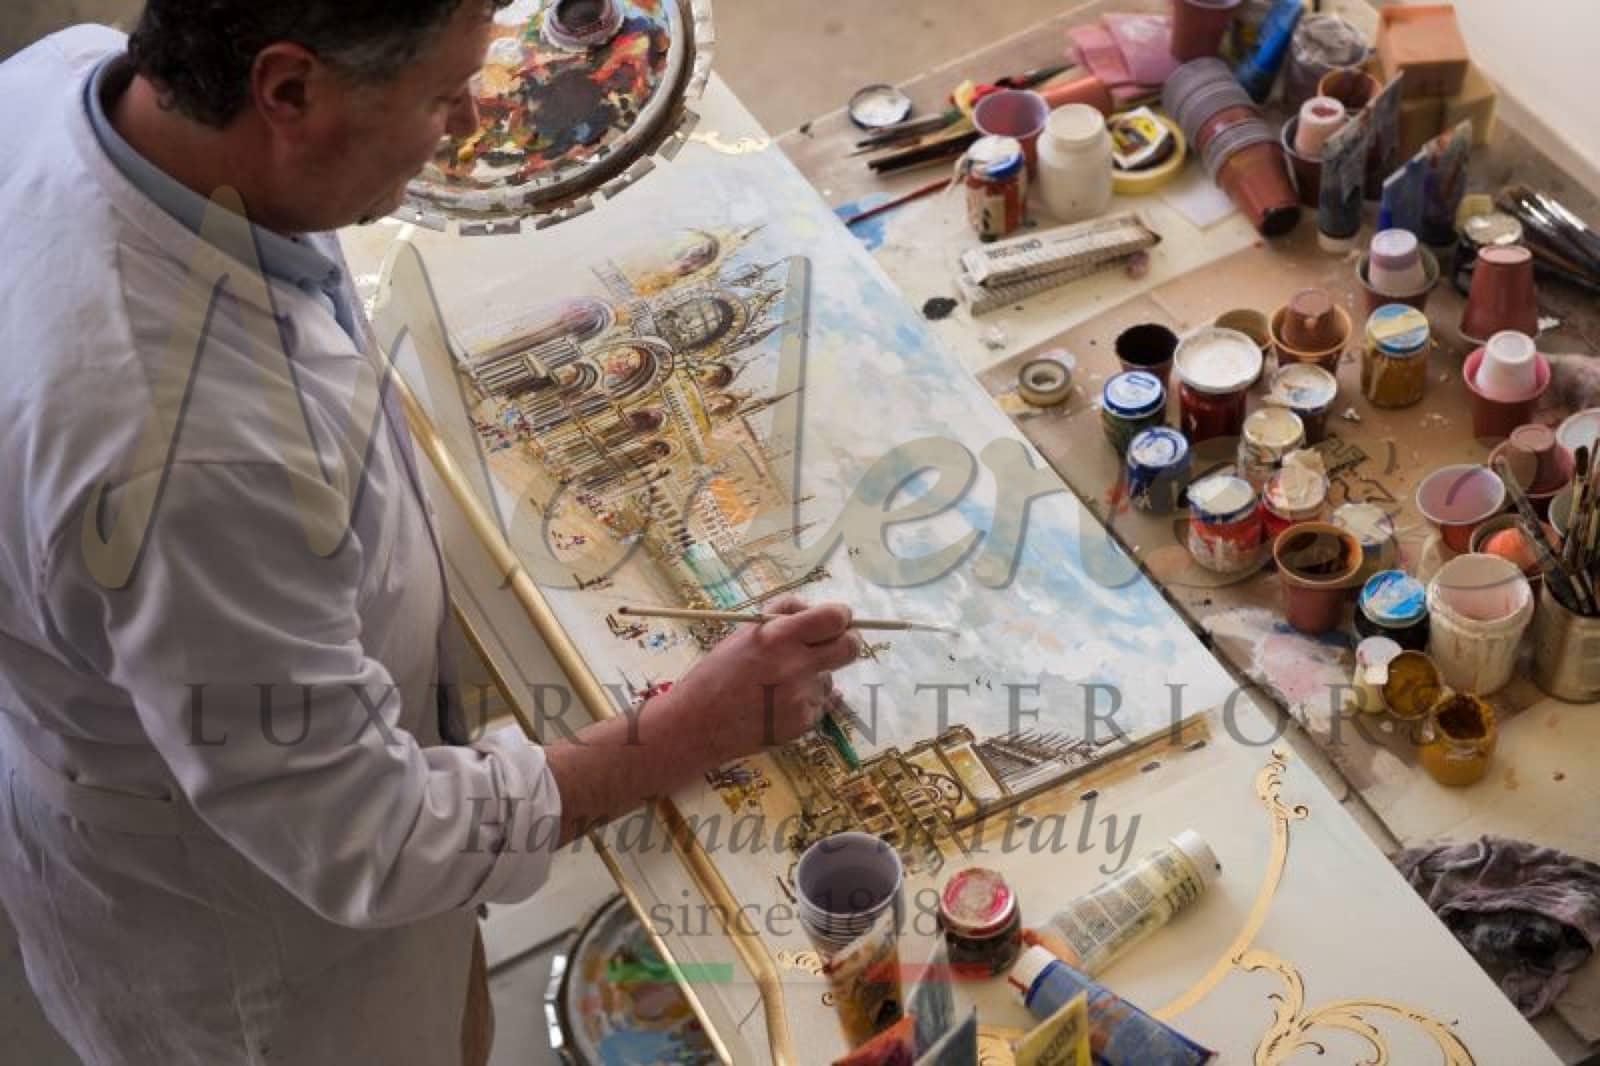 декор ручной работы, традиционные венецианские картины, лакированный, цветной, сделано в Италии, краска, массив дерева, дуб, грецкий орех, красочный декор дома, ремесленное производство, ремесленник, дизайн интерьера, декор, барокко, французский стиль